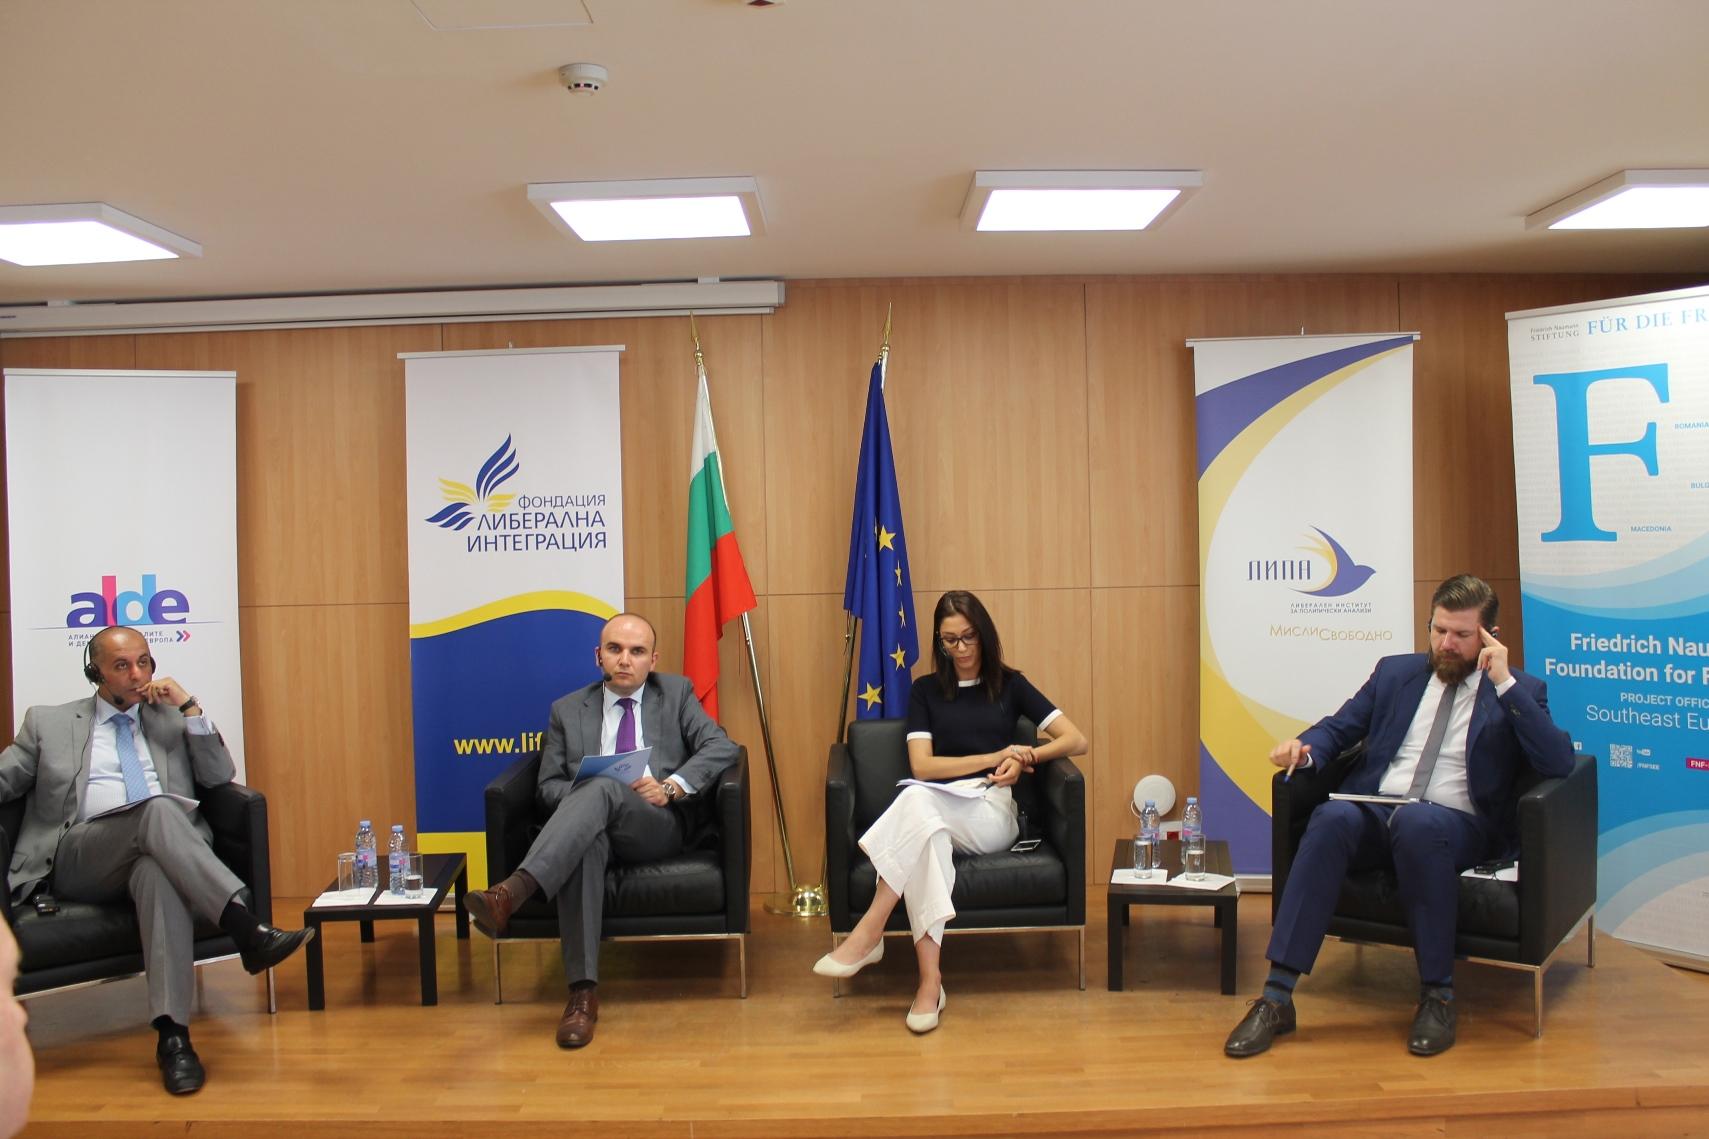 Председателството е уникален шанс България да модерира разговора за Брекзит, смята Илхан Кючюк